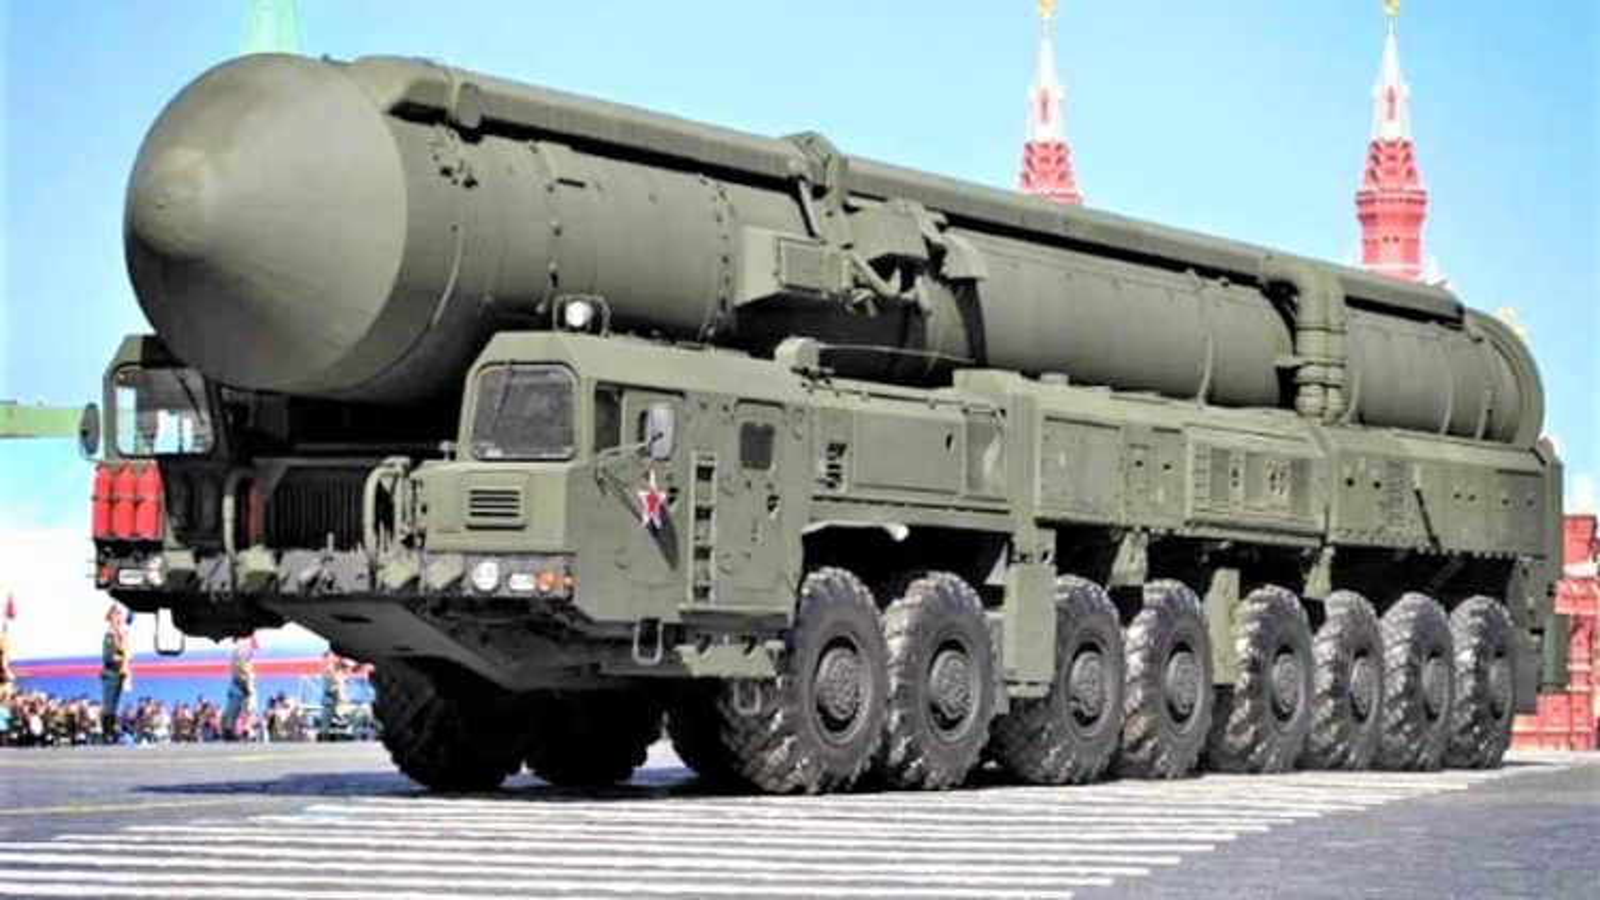 New START và triển vọng về hạn chế vũ khí trong quan hệ Nga-Mỹ